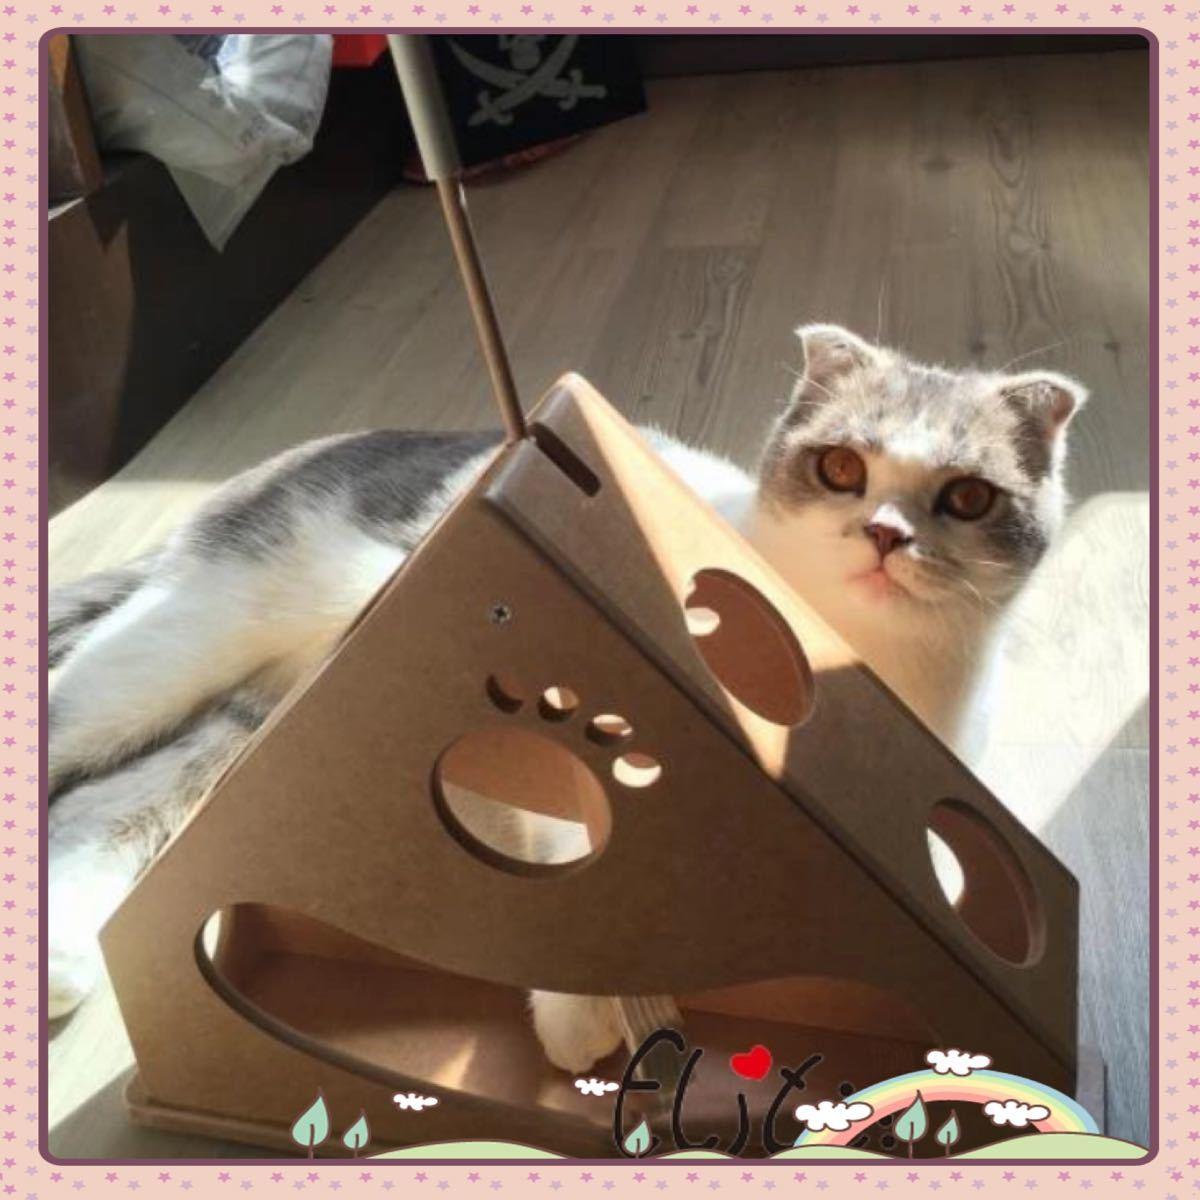 猫のおもちゃ 猫じゃらし 猫 知育玩具 キャットパイレーツ 旗振り